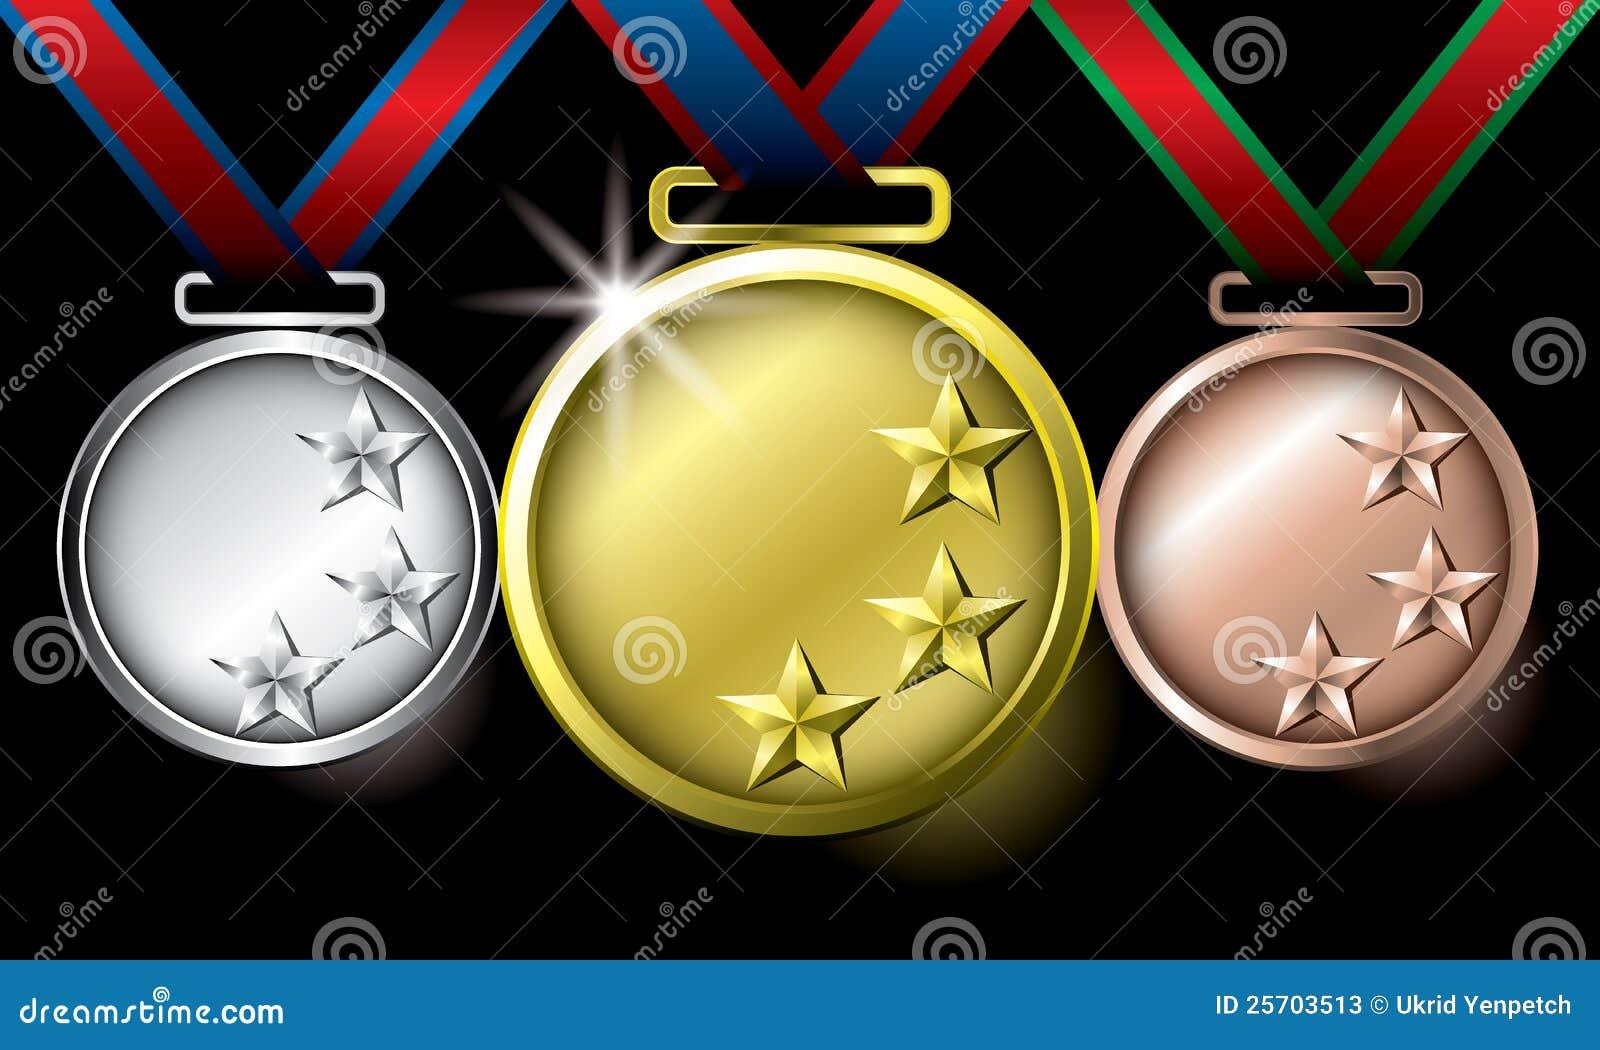 Preis und steuerliche Faktoren In unserem Sortiment präsentieren wir Ihnen zahlreiche Exemplare, deren Preise wir stets an den Tagespreis von Silber anpassen, um Ihnen die Münzen im Verkauf zum aktuellen Wert zu bieten.